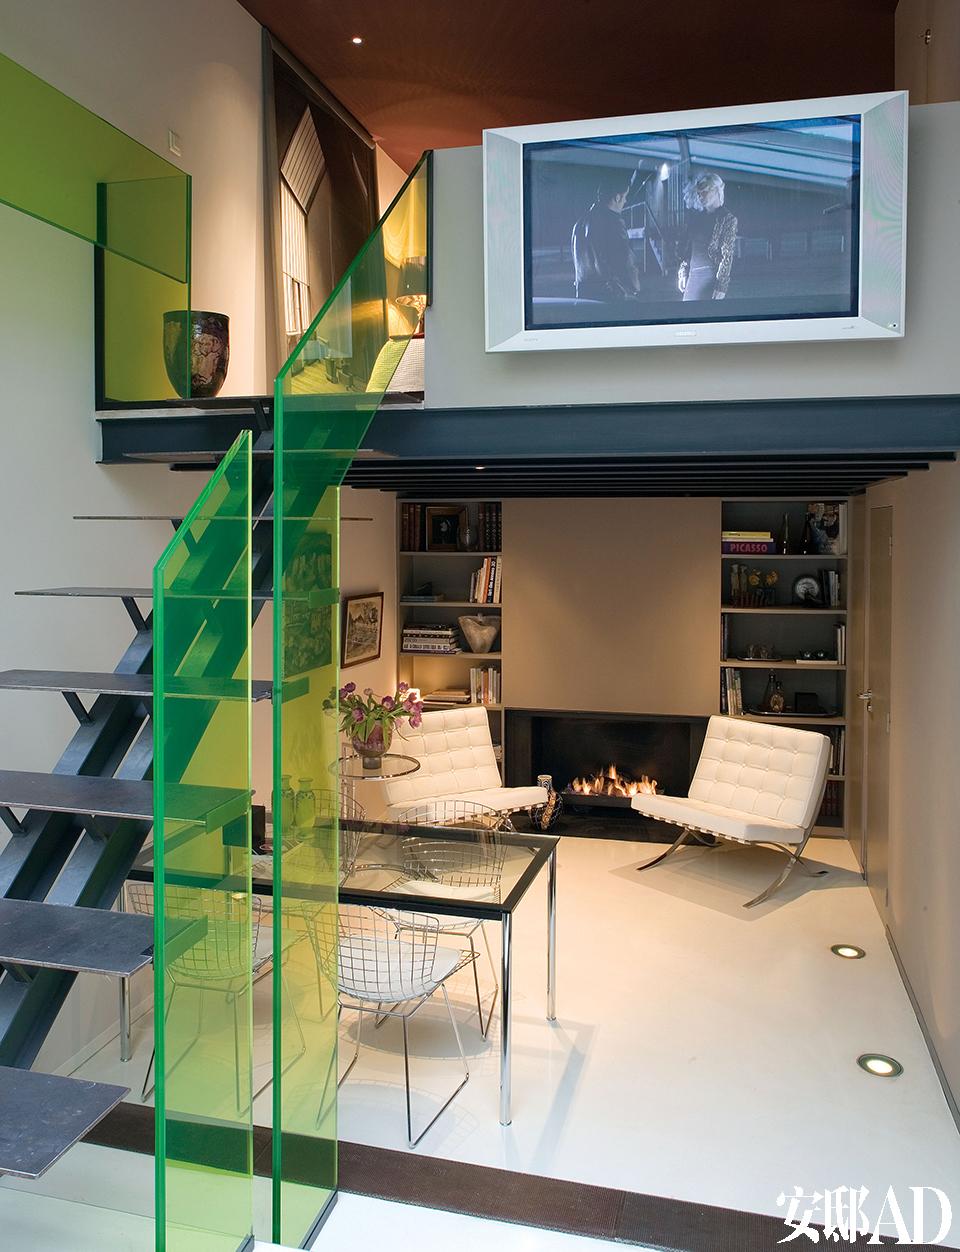 金属楼梯的每一级台阶都由钢条铺设,绿色玻璃扶手成为整个家的点睛之笔。两把白色巴塞罗那扶手椅与壁炉搭配成一个温暖的阅读区。从楼梯拾级而上,就是夹层卧室。夹层上的镀锌的陶罐来自Domani。